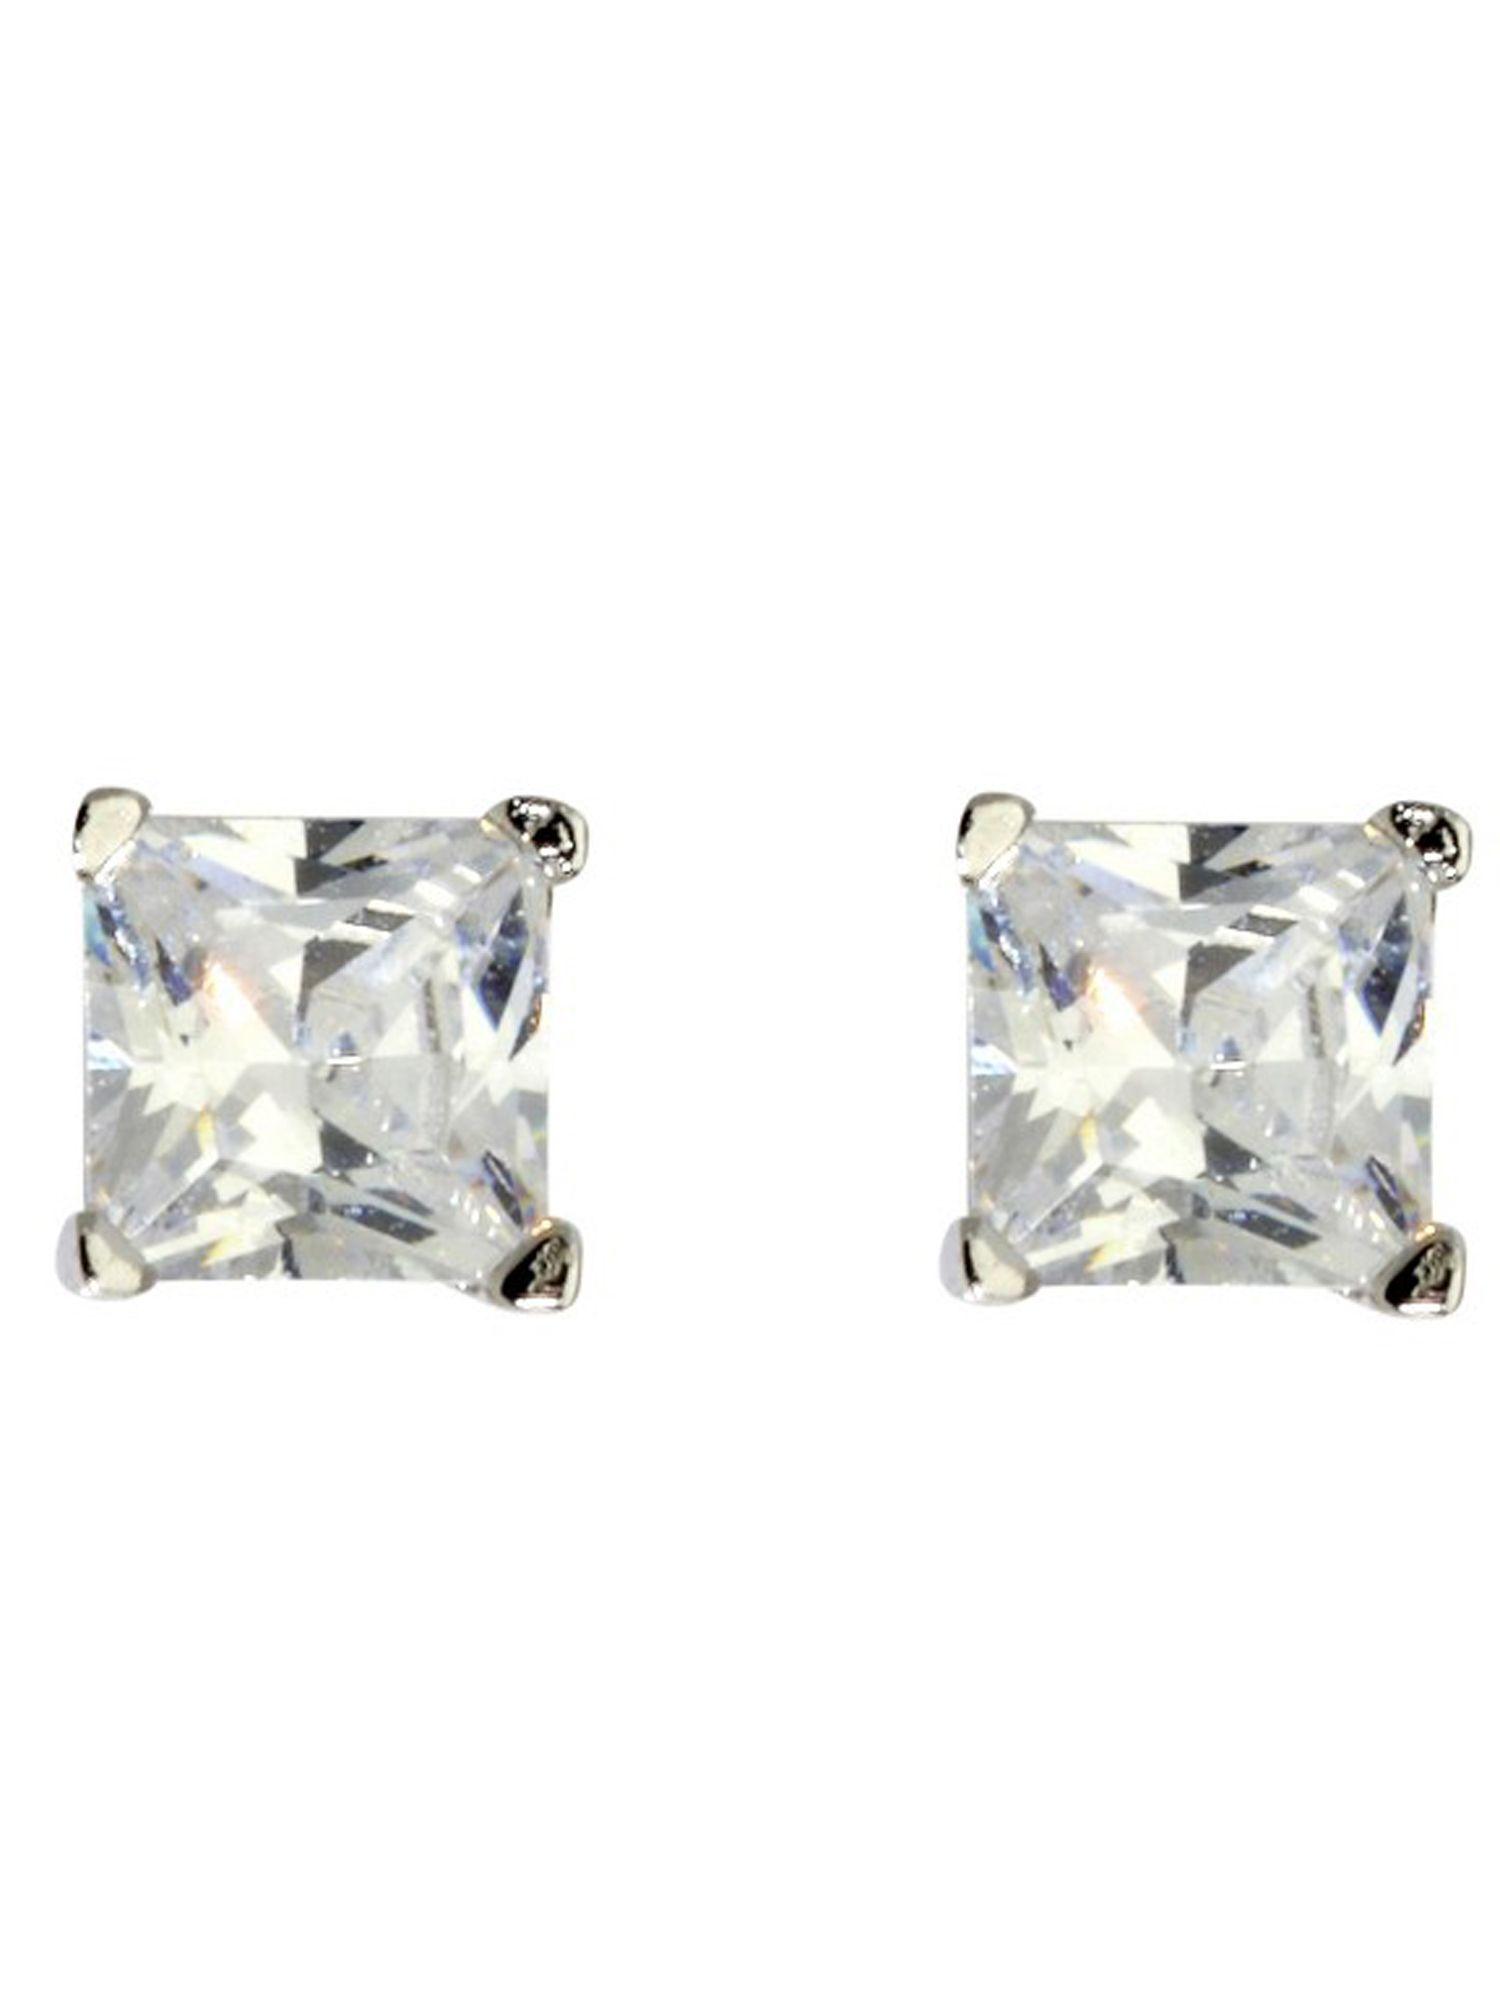 Basic Silber SO16 Damen Silber Ohrstecker Ohrschmuck Weiß